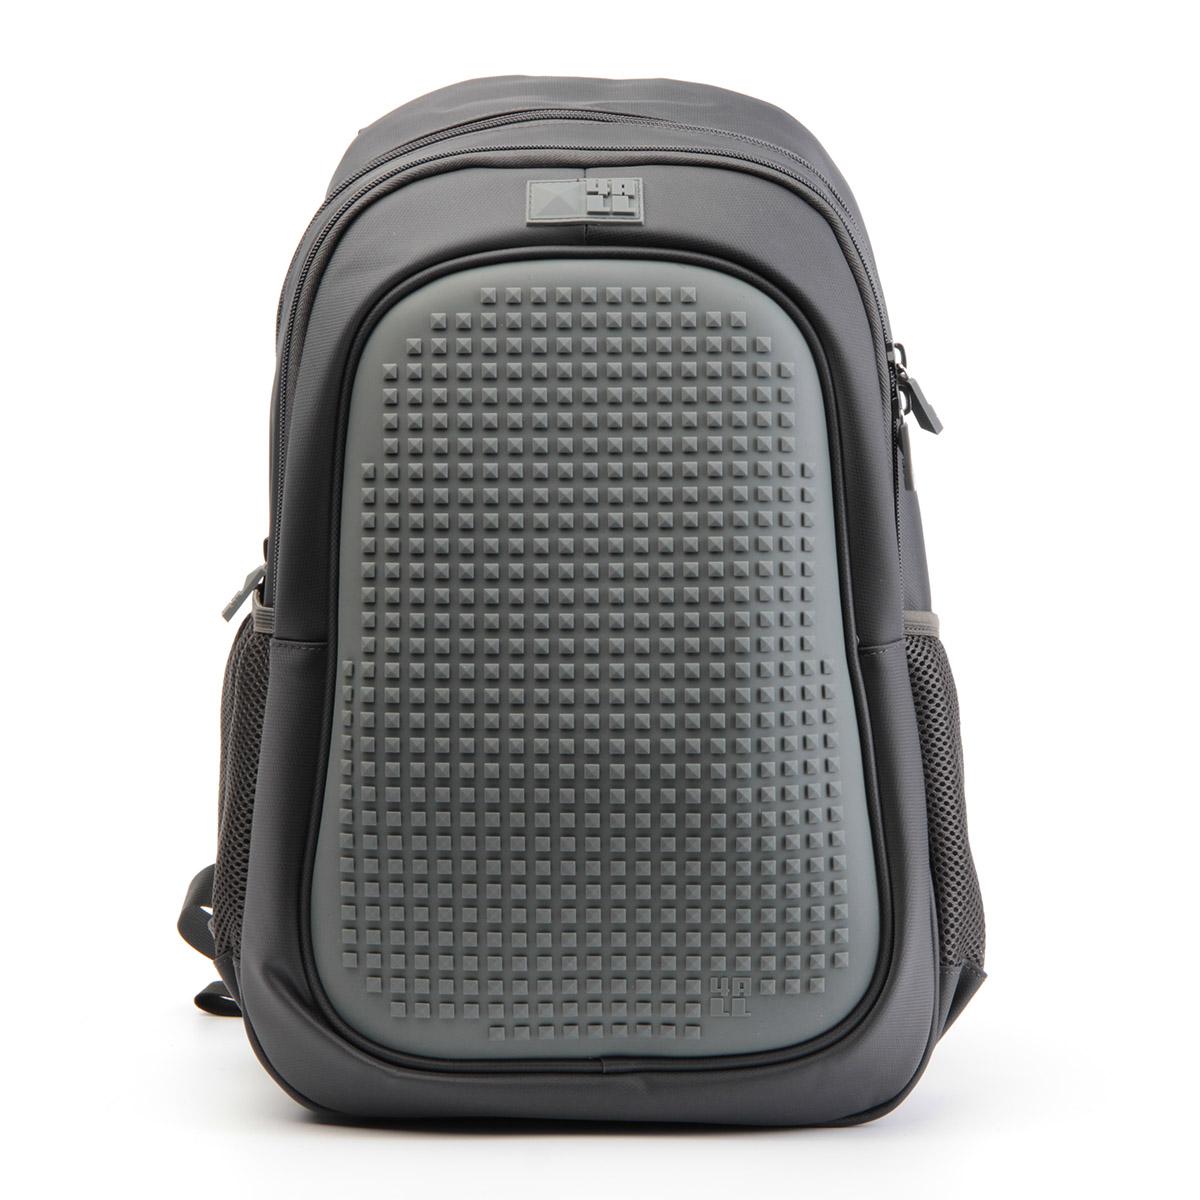 4ALL Рюкзак для мальчиков Case цвет темно-серый72523WDРюкзак бренда 4ALL - это одновременно яркий, функциональный школьный аксессуар и площадка для самовыражения. Заботясь о Вашем комфорте, удобстве и творческом развитии мы создали уникальные рюкзаки CASE с силиконовой панелью и разноцветные мозаичные БИТЫ с помощью которых на рюкзаке можно создавать графические шедевры хоть каждый день! Наш рюкзак является не только помощником в переносе грузов, но и настоящей интерактивной площадкой! Благодаря силиконовой панели и пикселям он может информировать и транслировать любые Ваши художественные опыты!Особенности:AIR COMFORT system:- Система свободной циркуляции воздуха между задней стенкой рюкзака и спиной ребенка.ERGO system:- Разработанная нами система ERGO служит равномерному распределению нагрузки на спину ребенка. Она способна сделать рюкзак, наполненный учебниками, легким. ERGO служит сохранению правильной осанки и заботится о здоровье позвоночника!А также:- Гипоаллергенный силикон;- Водоотталкивающие материалы;- Устойчивость всех материалов к температурам воздуха ниже 0!Дополнительная информация:- Рюкзак уже содержит 1 упаковку пикселей-битов 4-х цветов (200 шт).